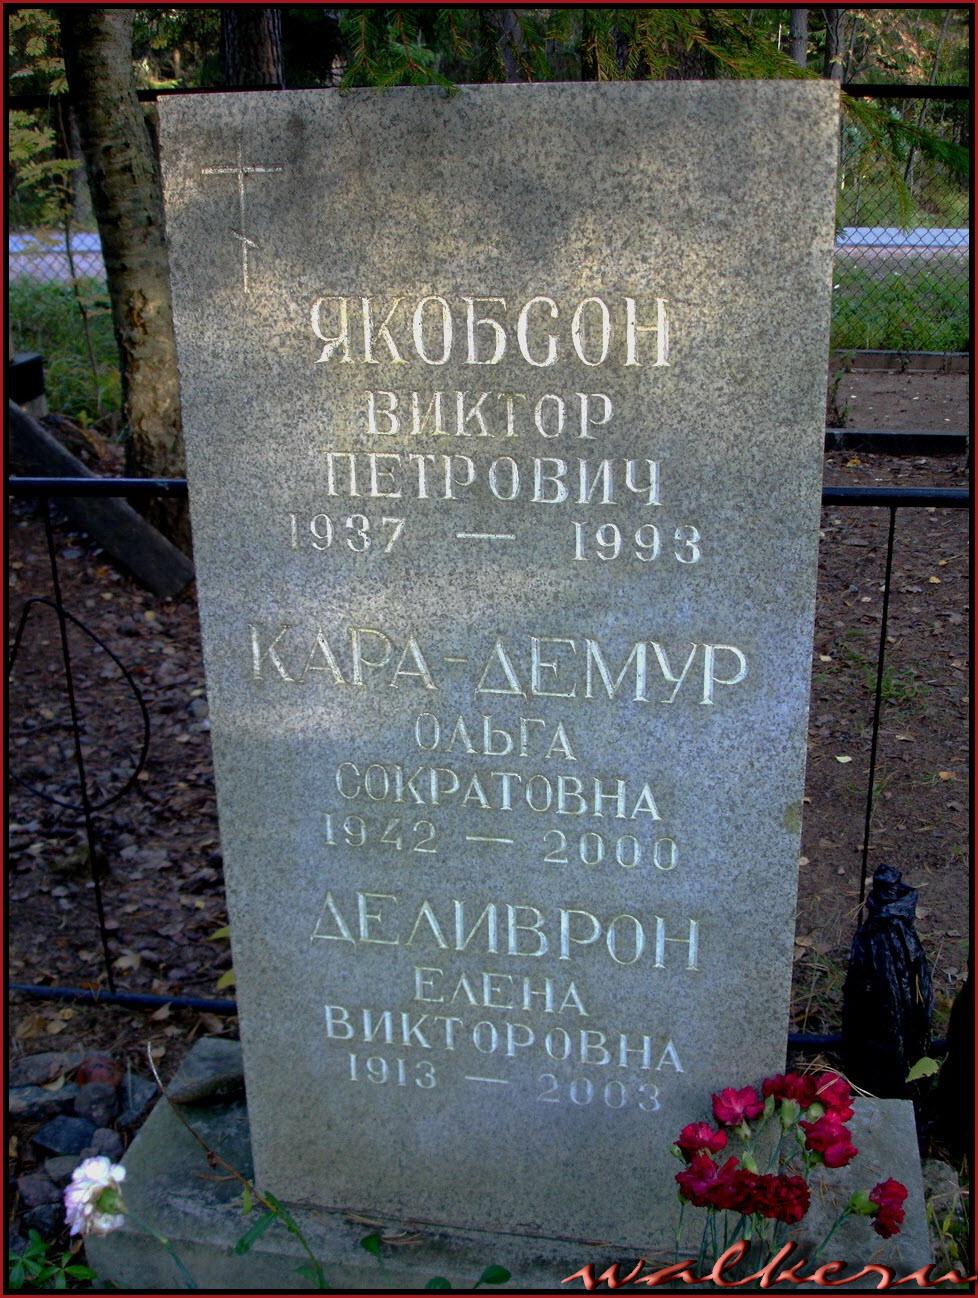 Могила Деливрон Е.В. на Комаровском кладбище